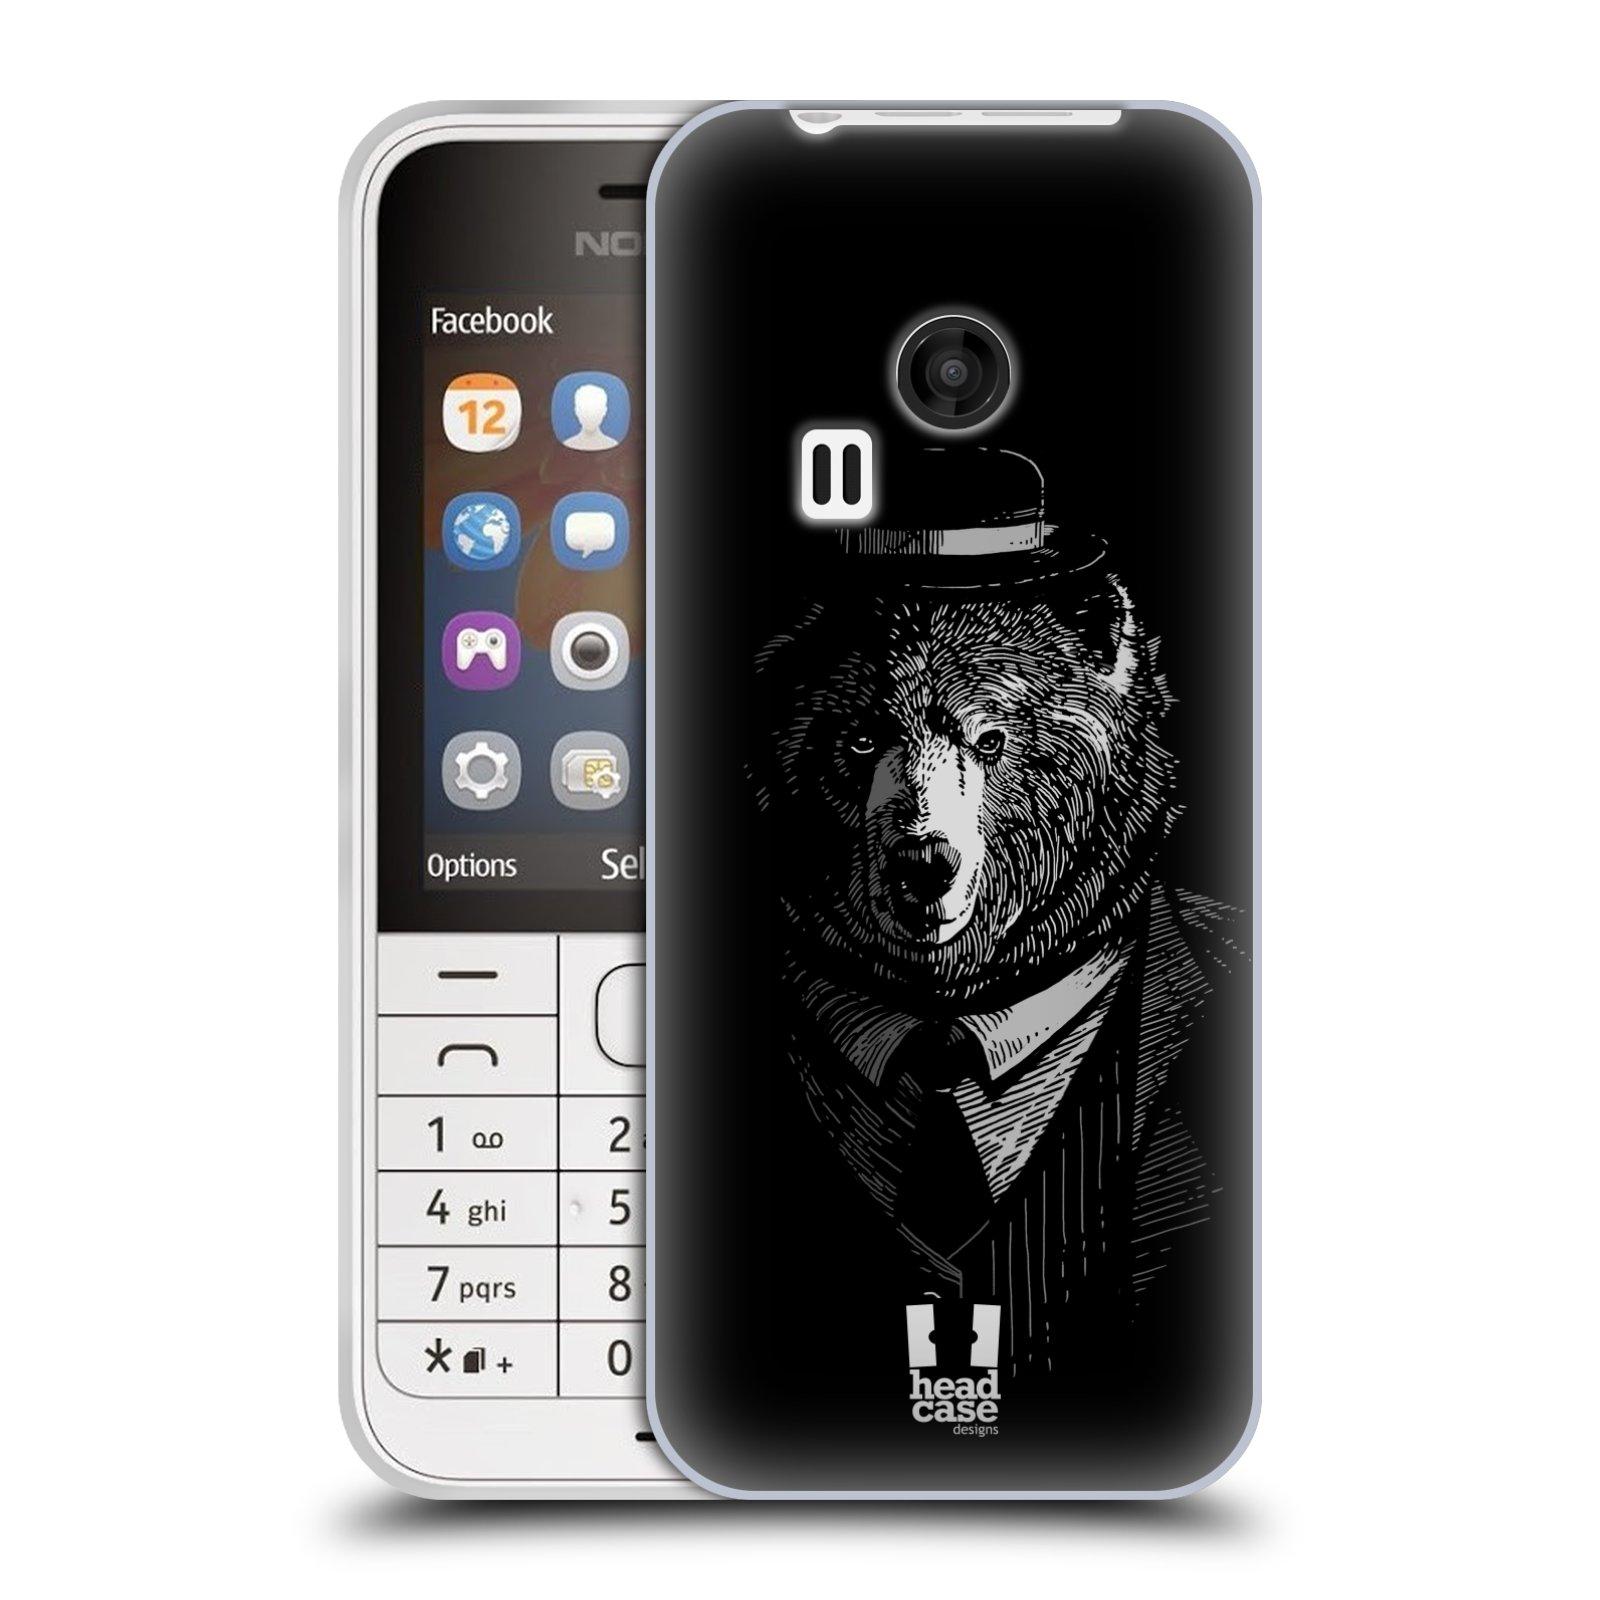 HEAD CASE silikonový obal na mobil NOKIA 220 / NOKIA 220 DUAL SIM vzor Zvíře v obleku medvěd